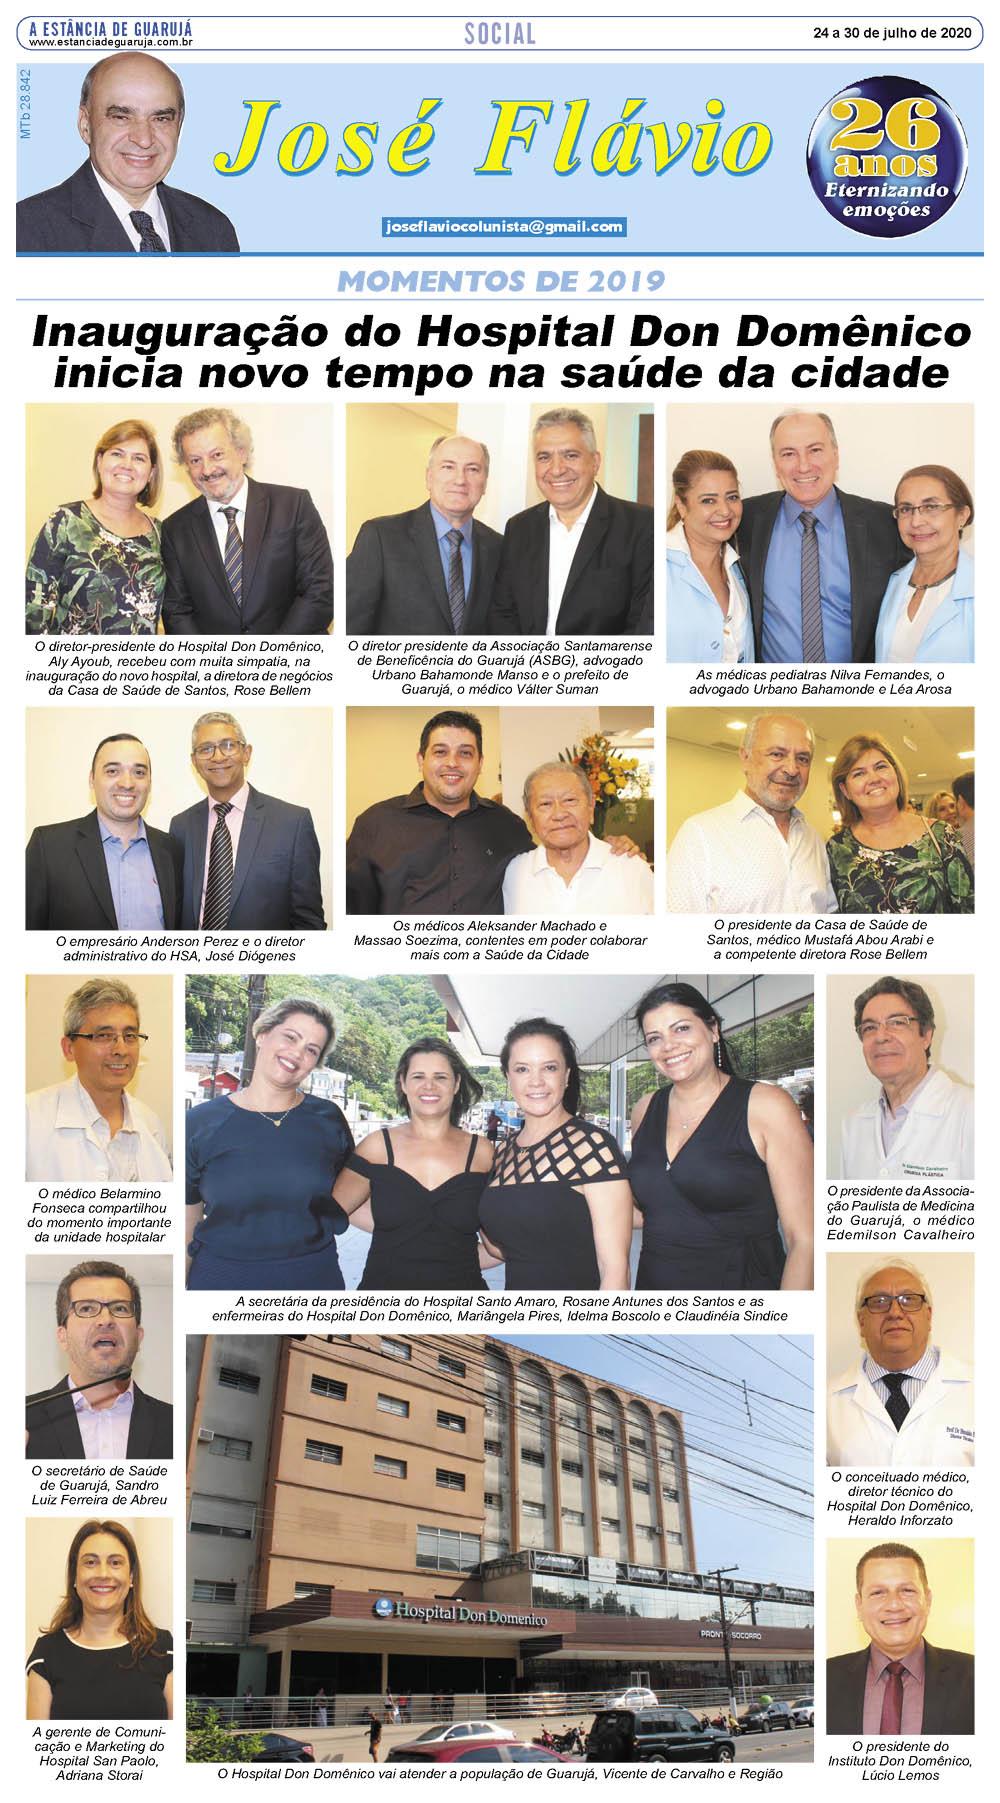 Momentos da inauguração do Hospital Don Domênico